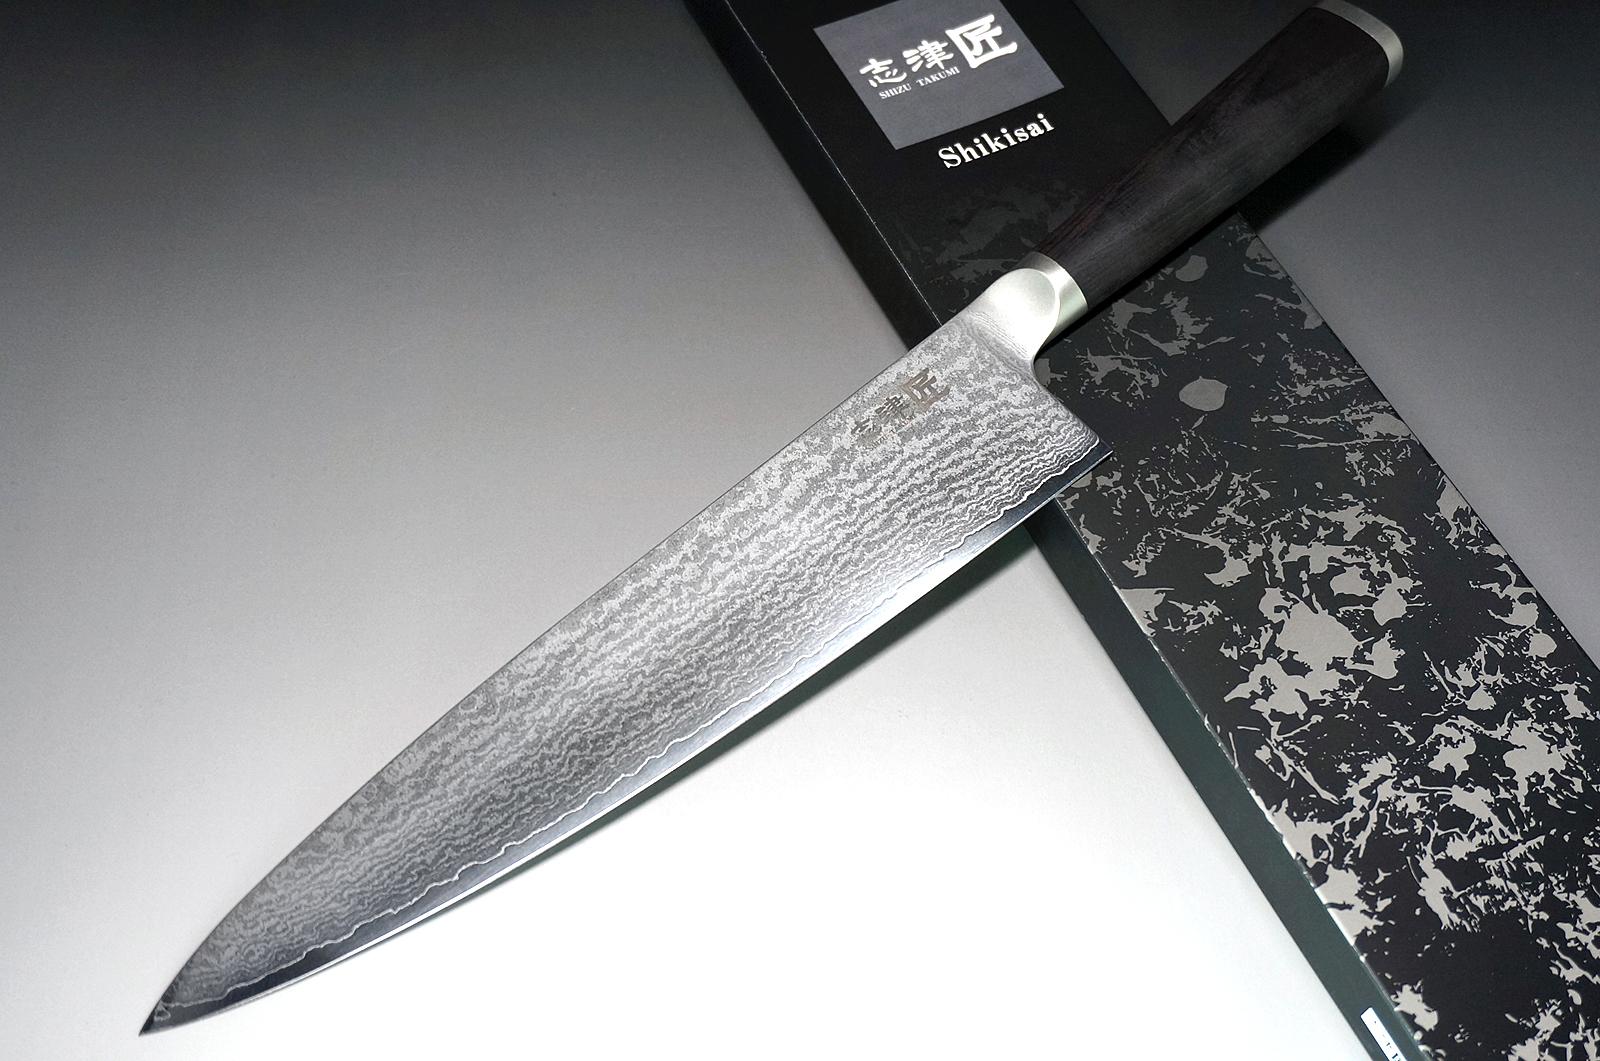 shiki knife deals on 1001 blocks. Black Bedroom Furniture Sets. Home Design Ideas